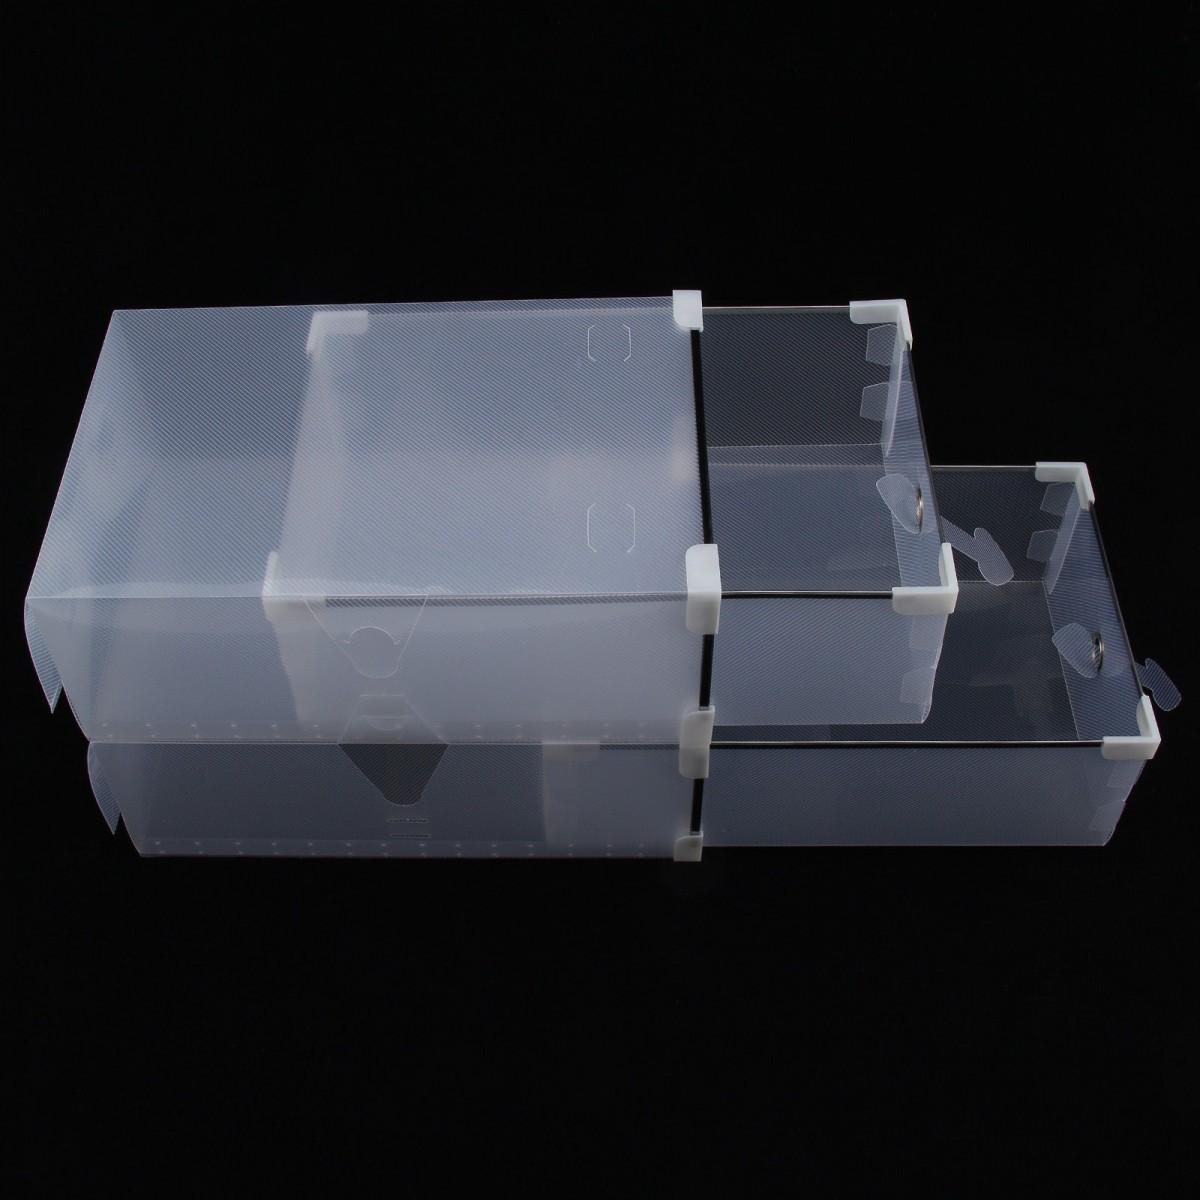 Сборный модуль для хранения обуви из 6 шт, модель 1, 31 х 19,5 х 10,5 см